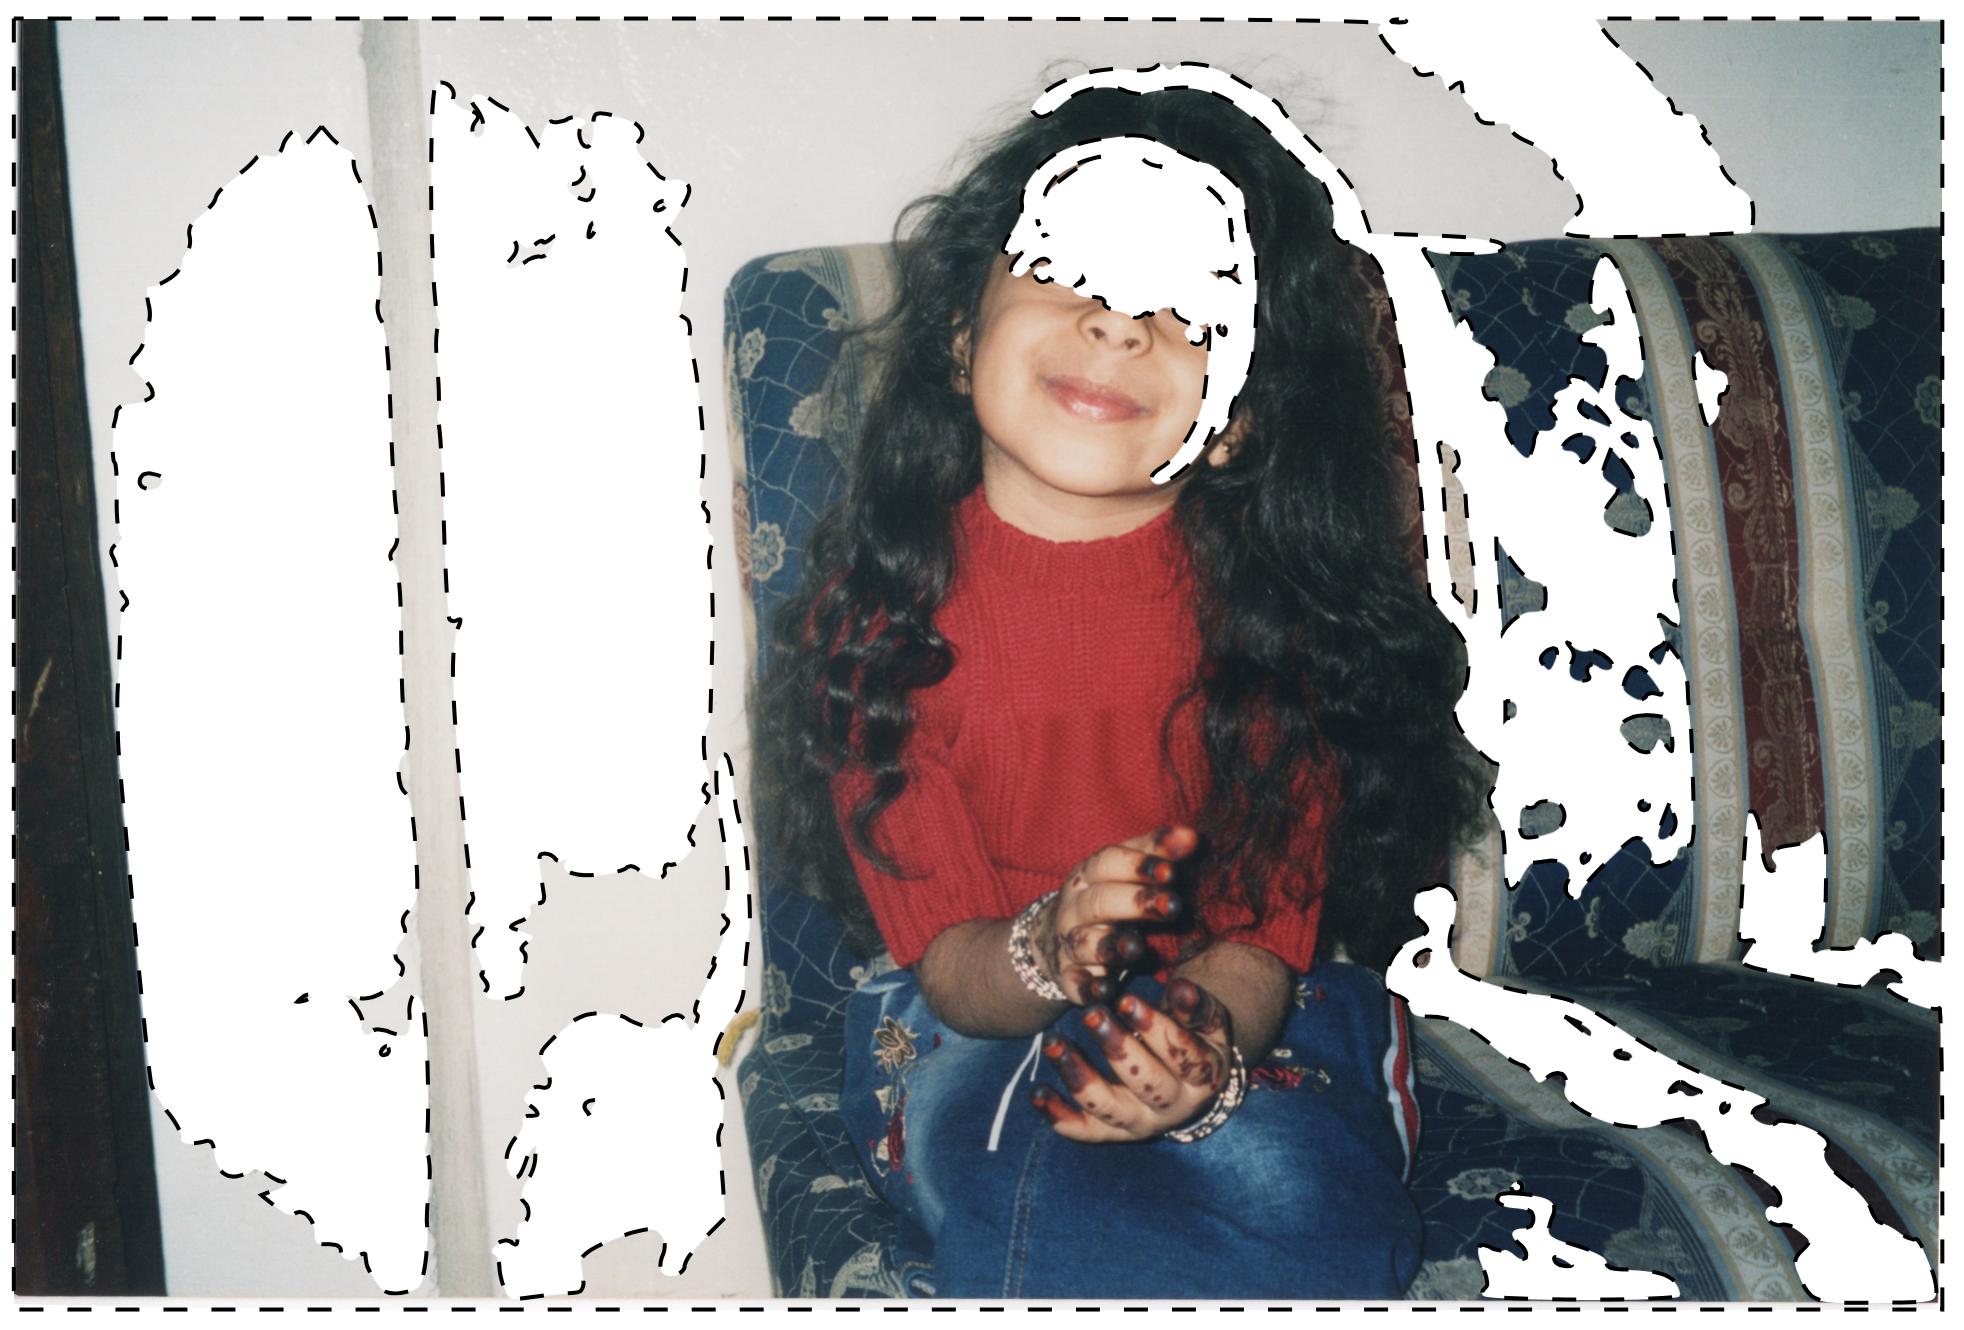 Faiza_AL_Marzouqi-Faiza_fragments4.png